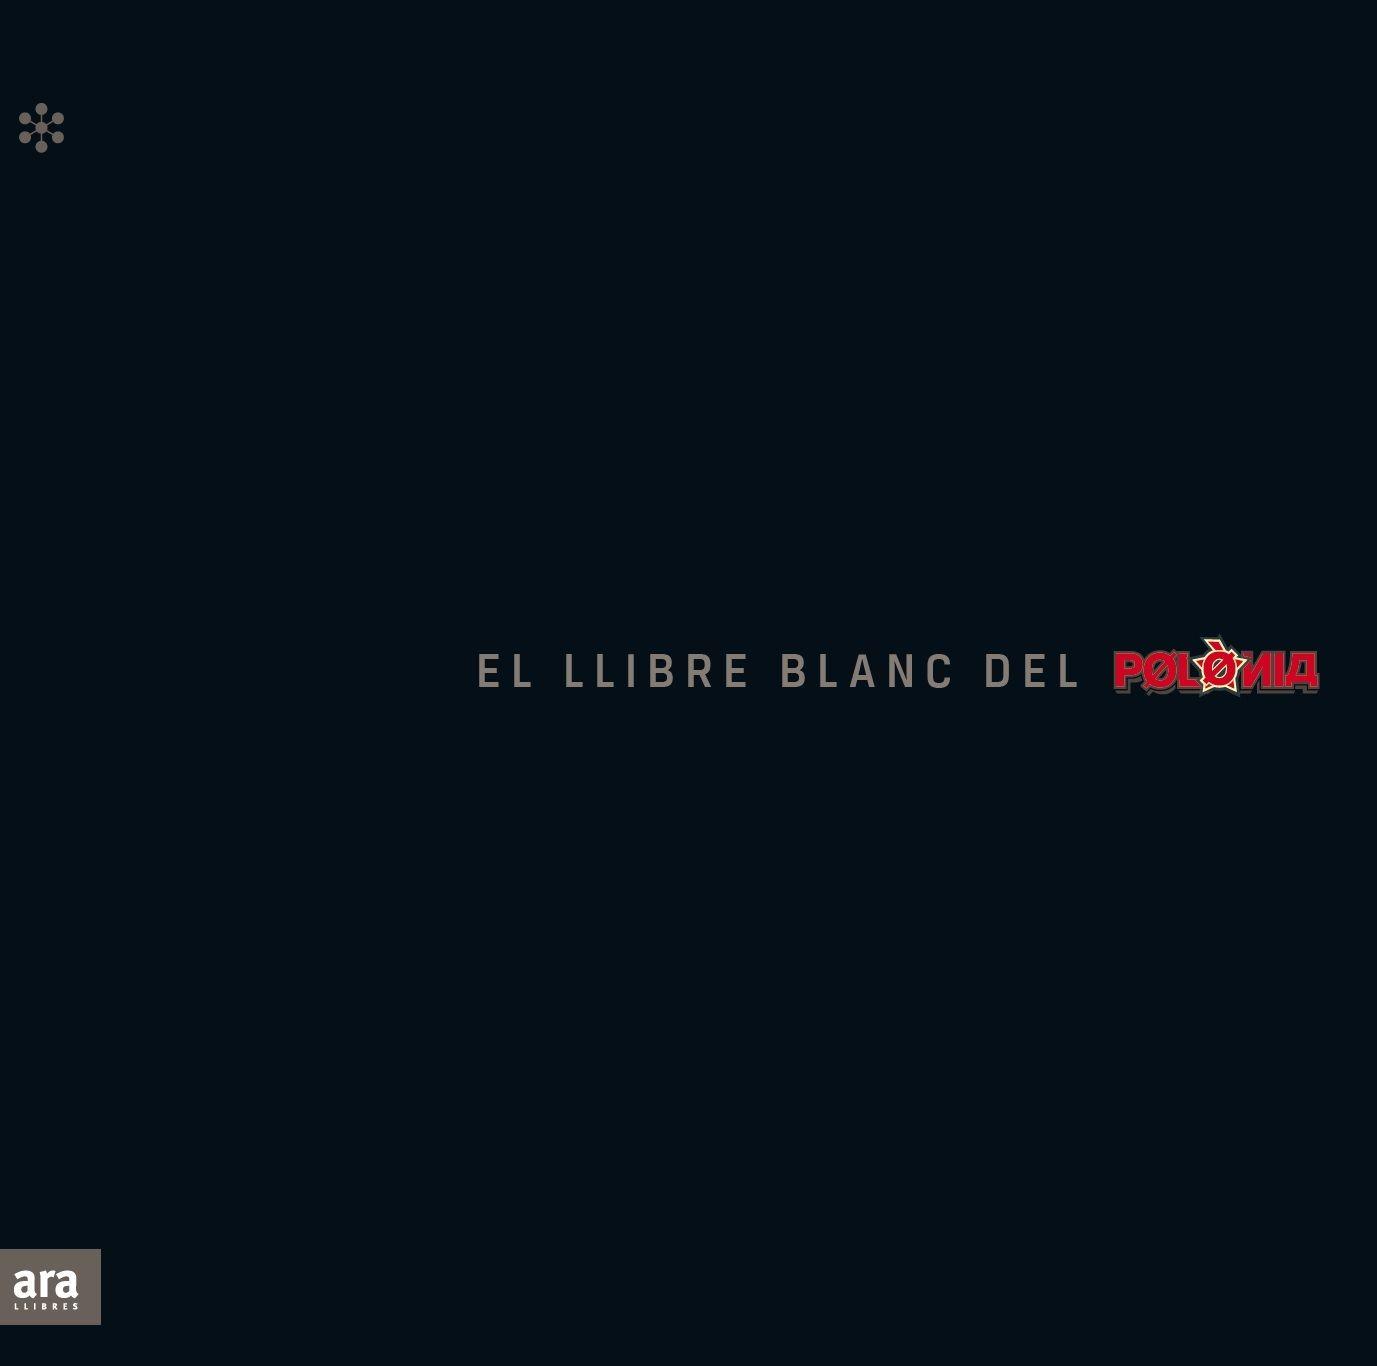 LLIBRE BLANC DEL POLÒNIA EL